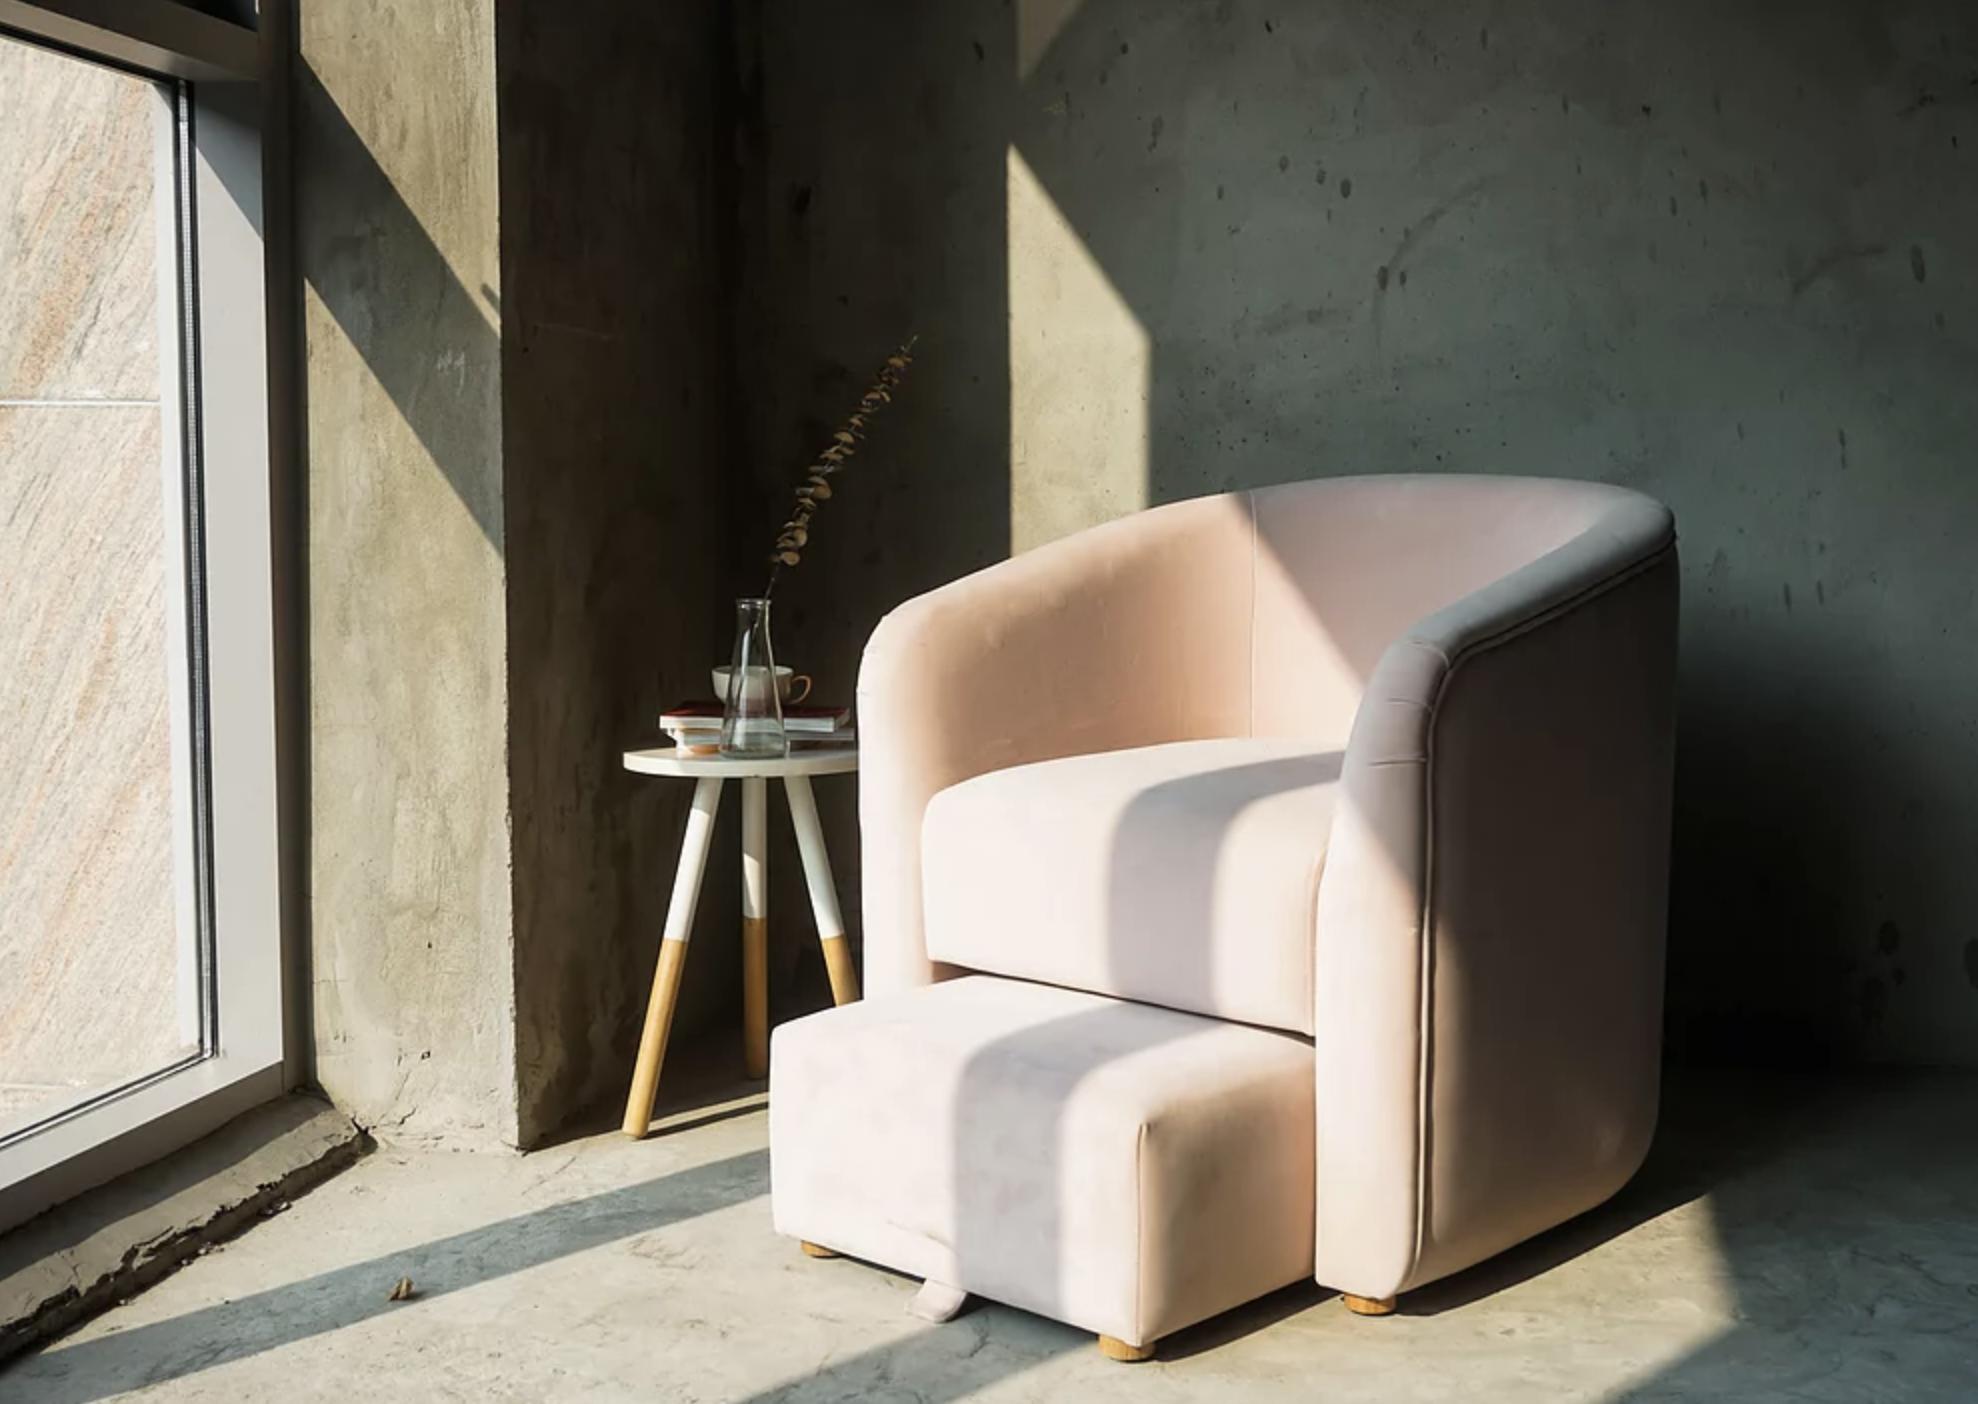 Nhà Jennie có sofa sang xịn tận 57 triệu, bạn có thể sắm kiểu tương tự giá chỉ từ 6 triệu - Ảnh 8.